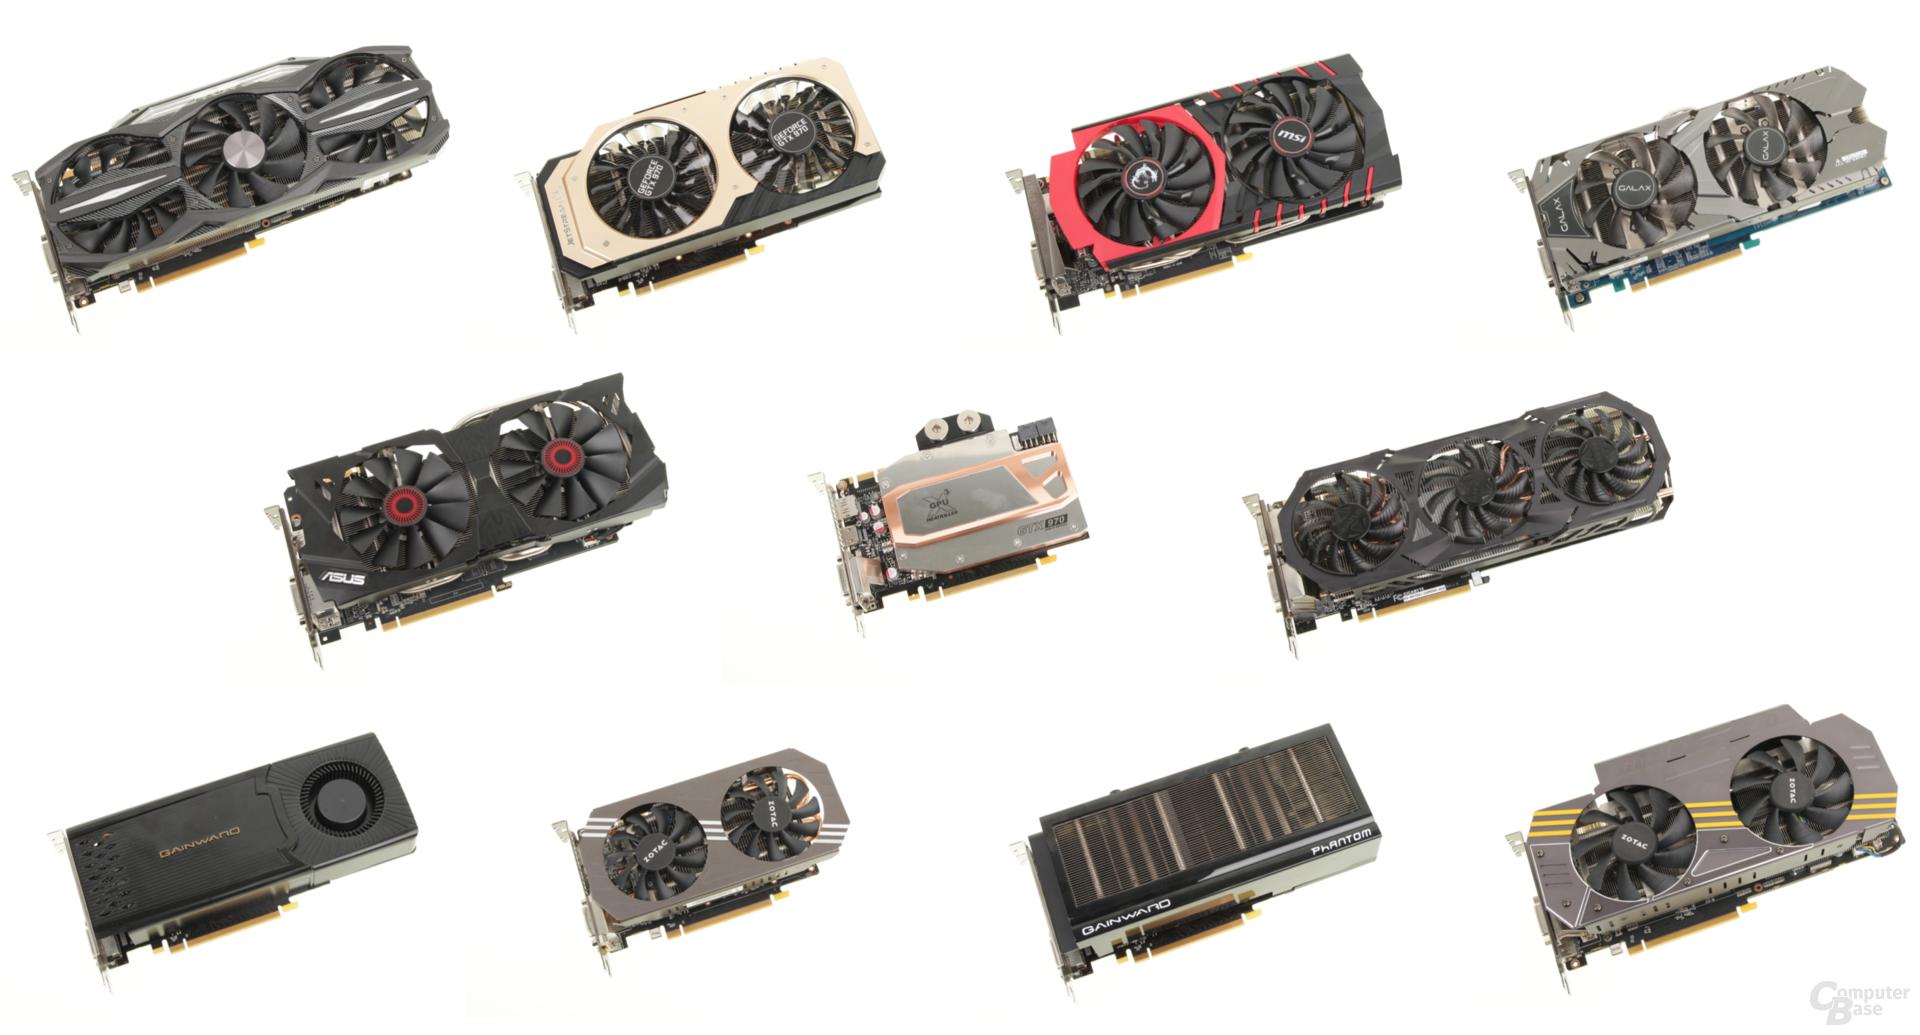 Der Test des Jahres: Elf GeForce GTX 970 im Vergleich